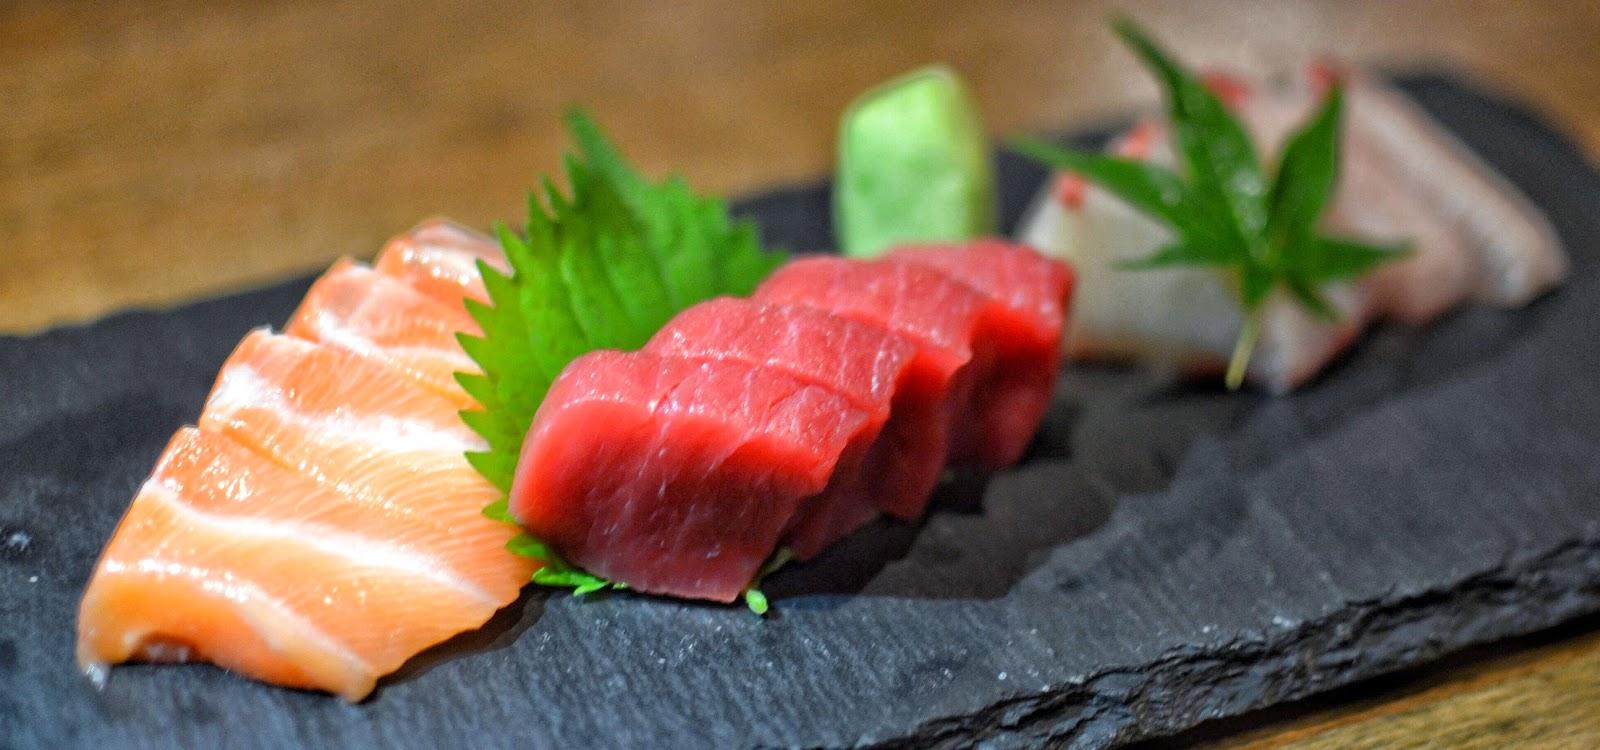 yellowtail sashimi videos